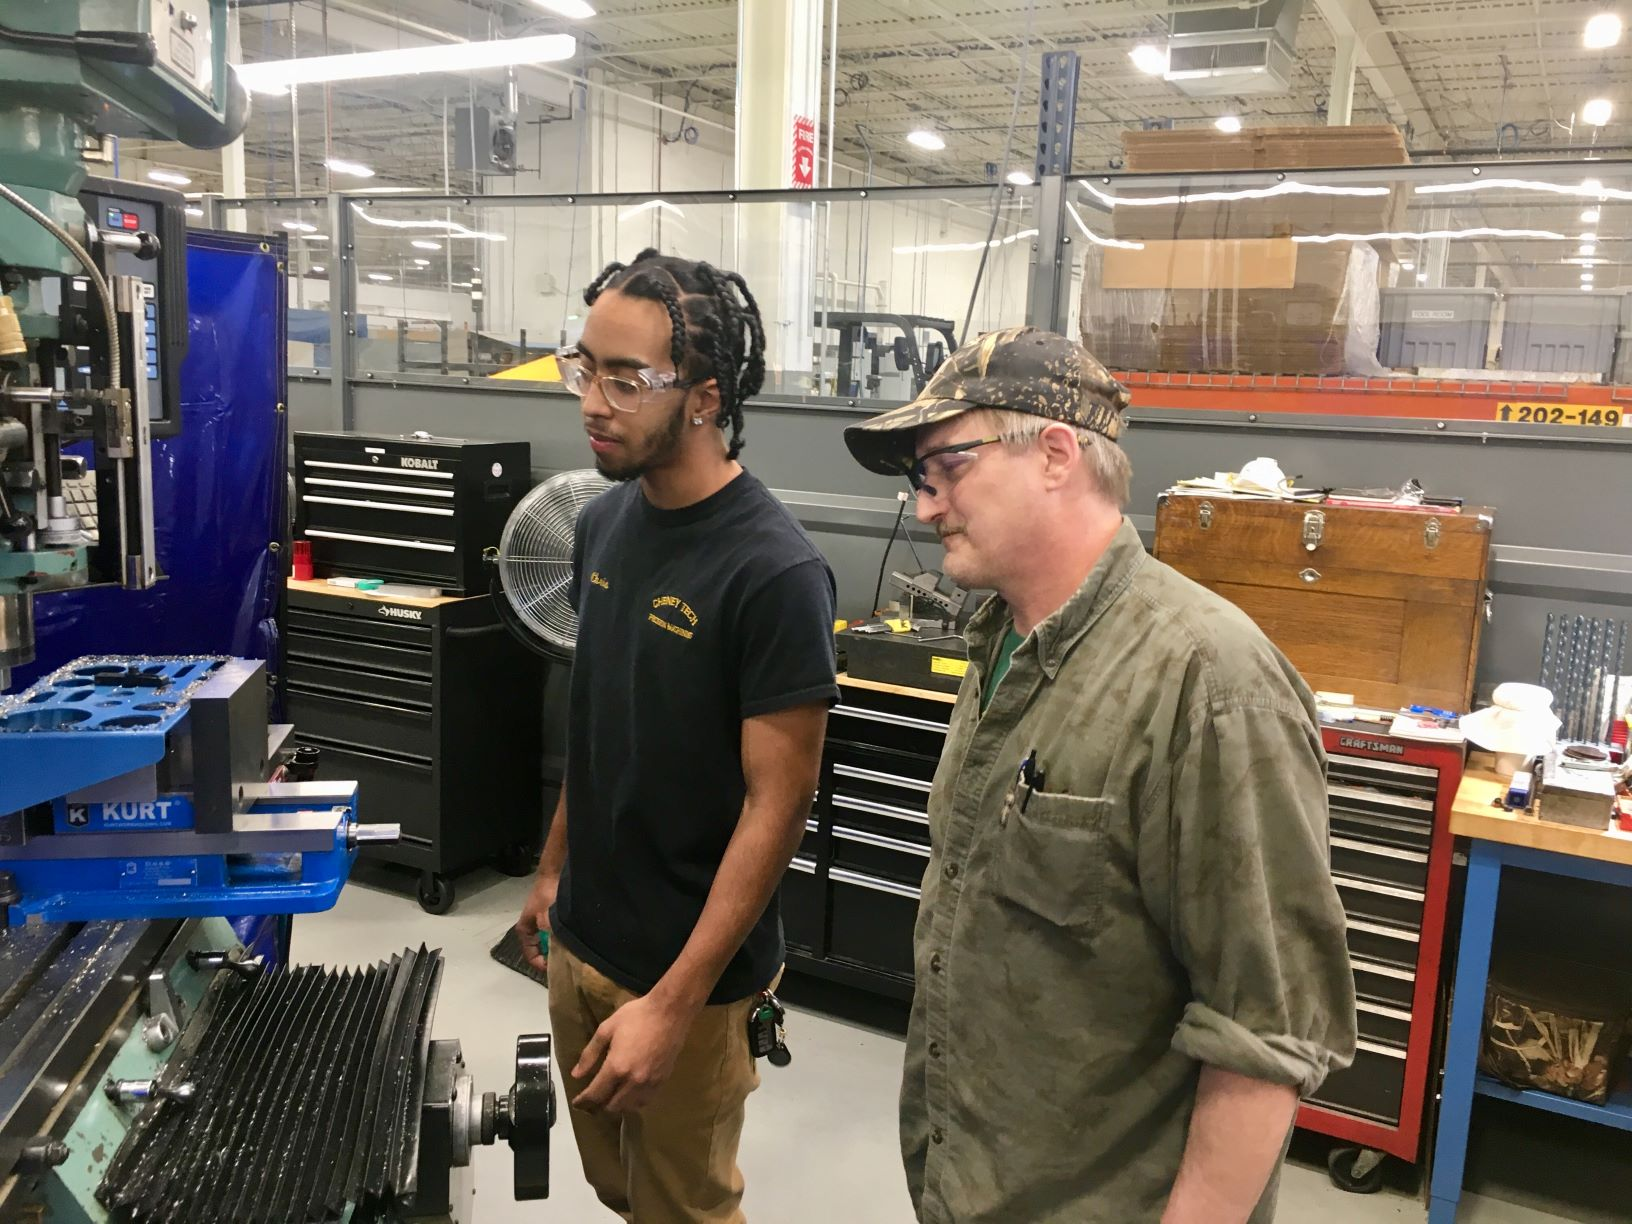 Apprenticeships Help Develop Next Generation of Manufacturers